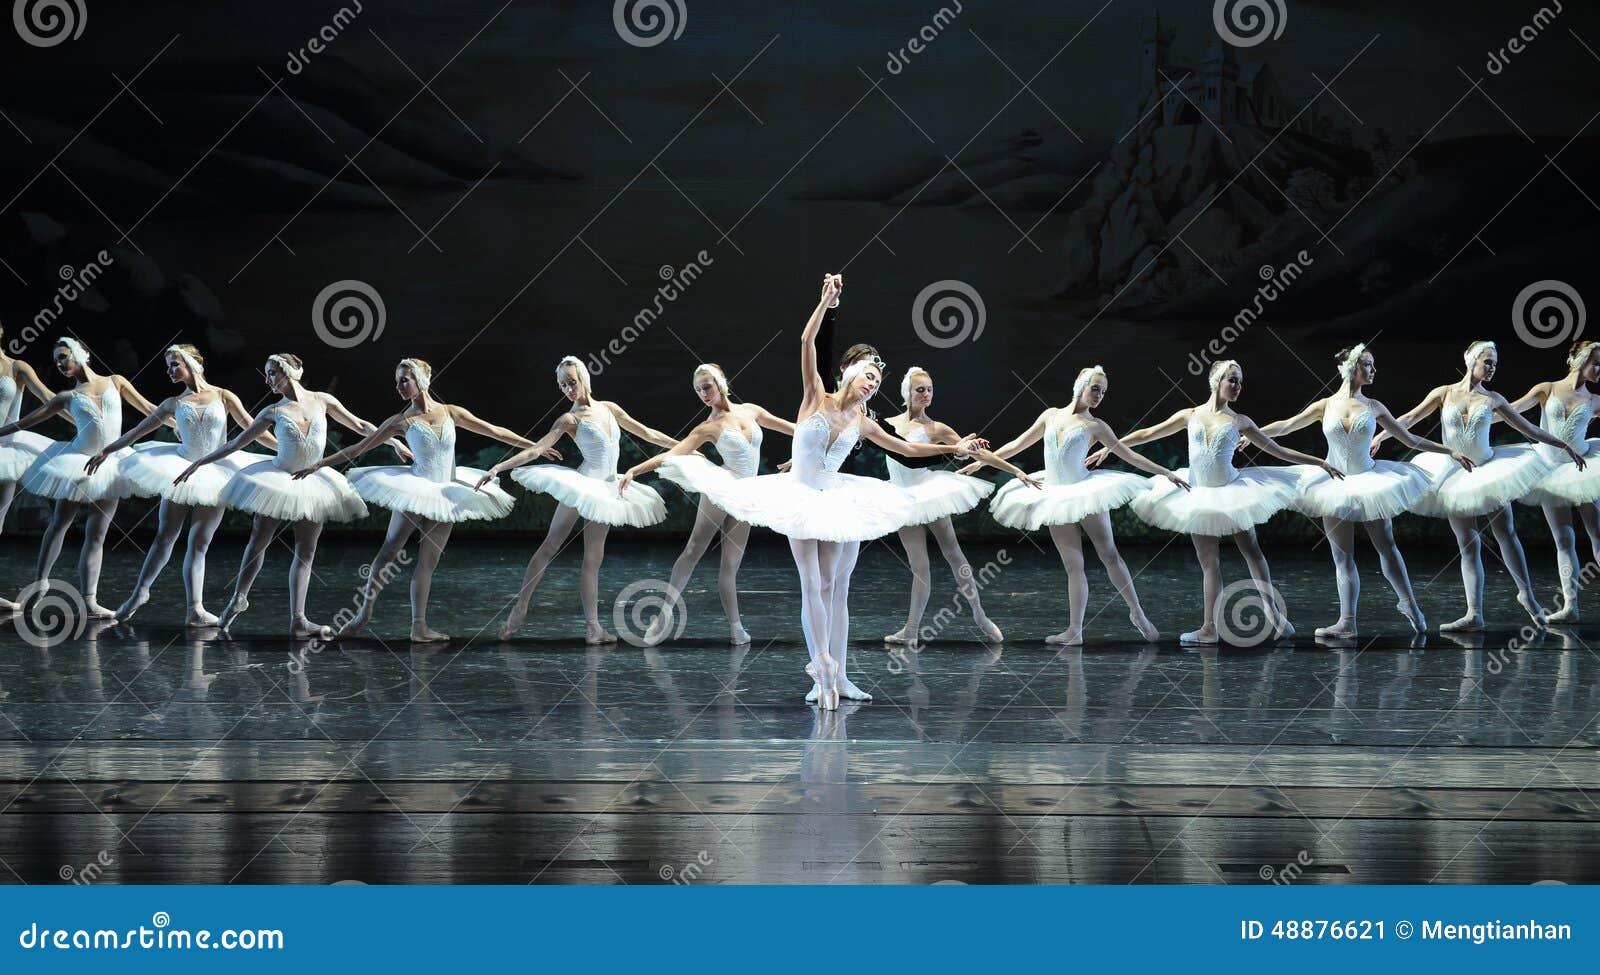 Lago swan di balletto